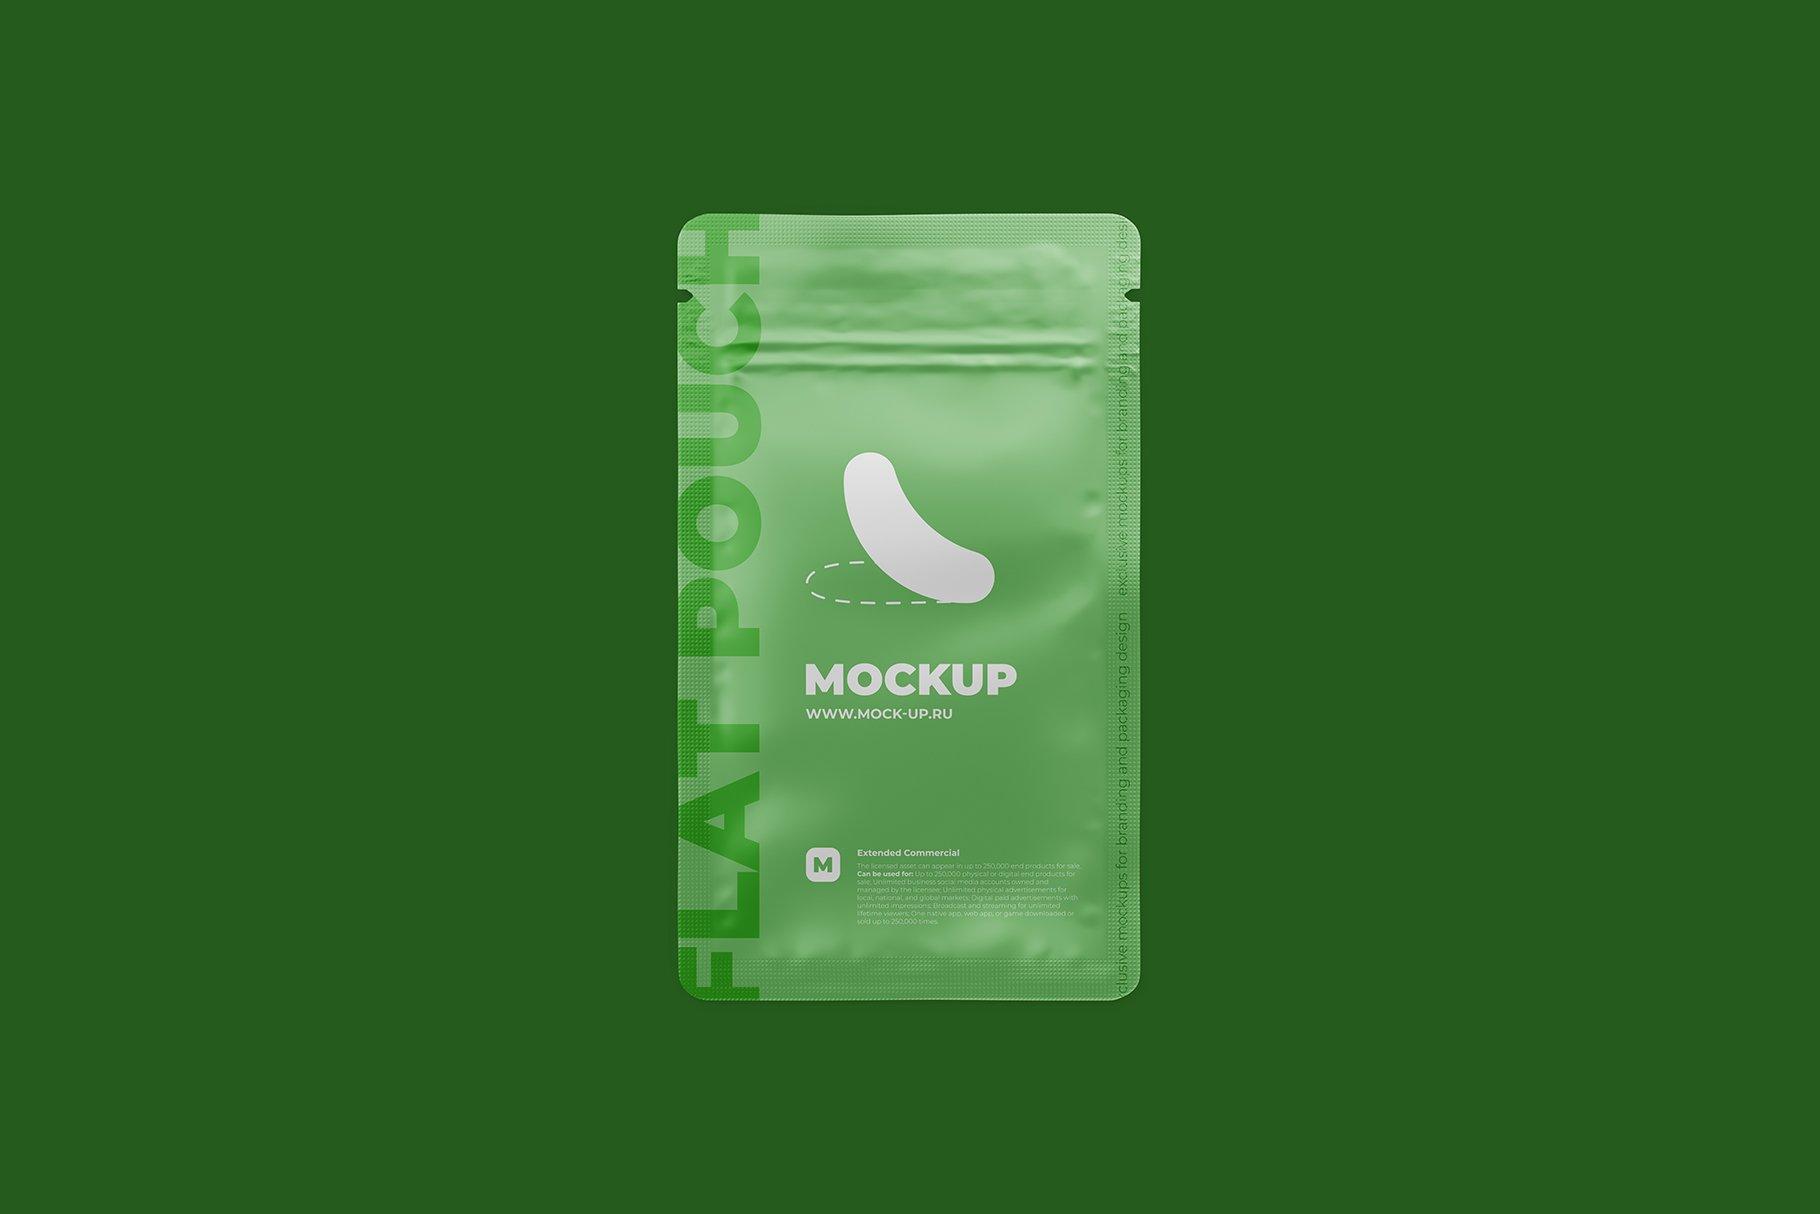 简洁香料自封塑料袋设计展示贴图样机 Zip Sachet Mockup. Flat Empty Pouch插图7